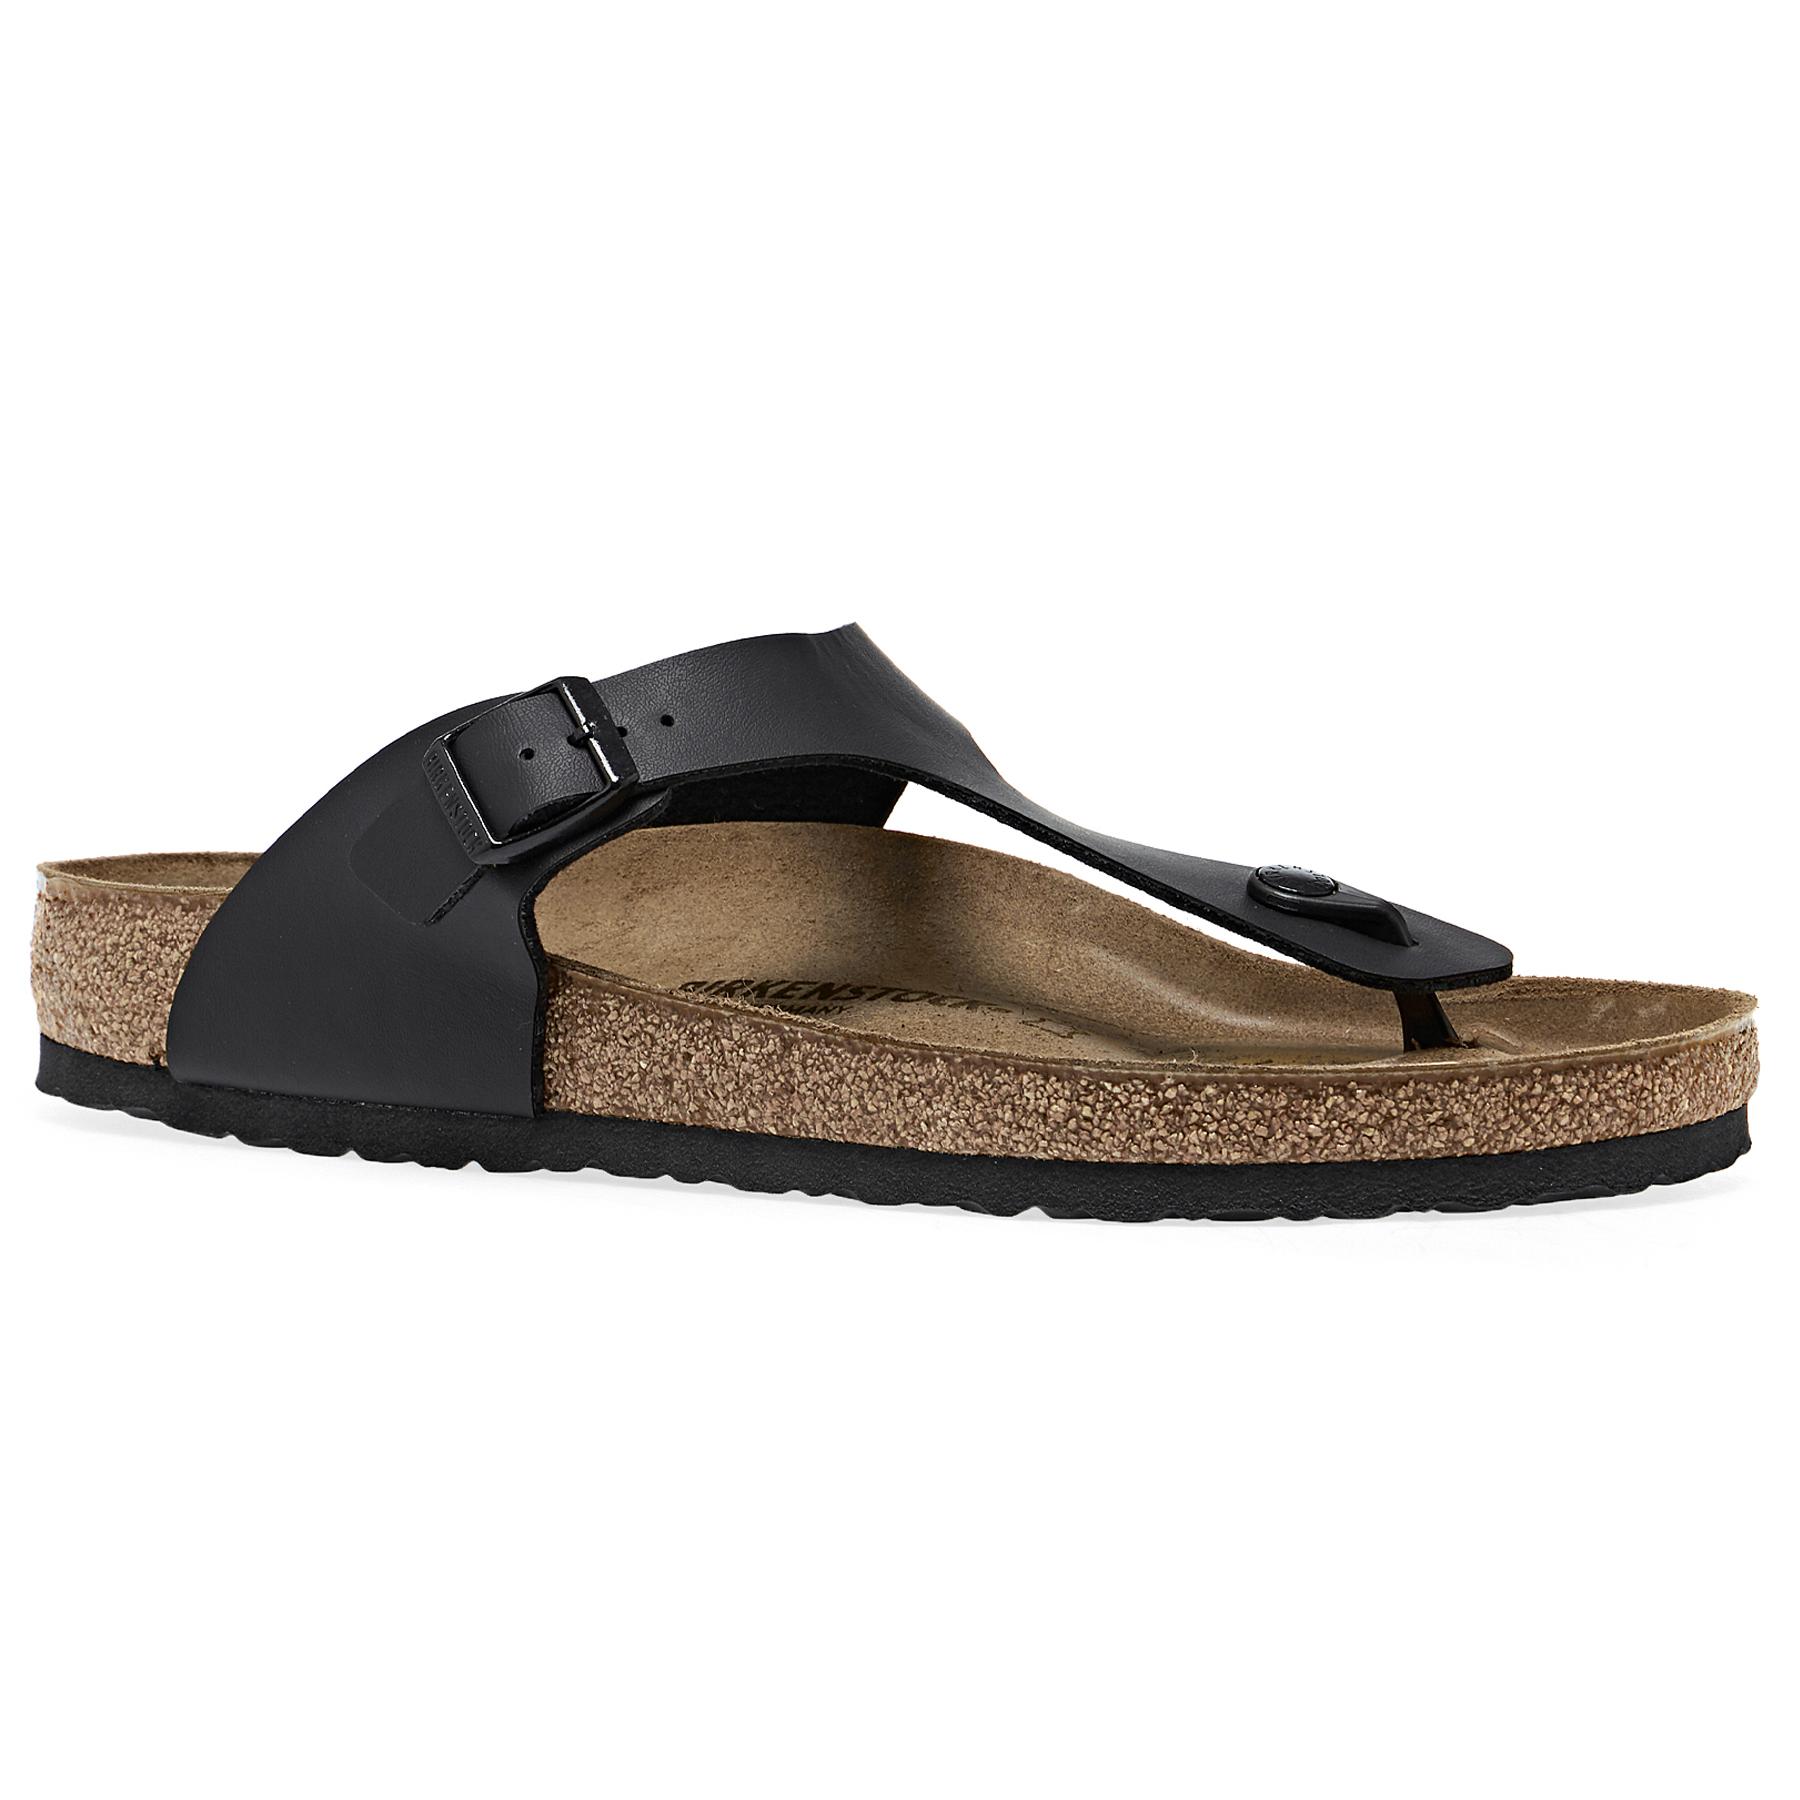 Birkenstock Sandals black for £55.00